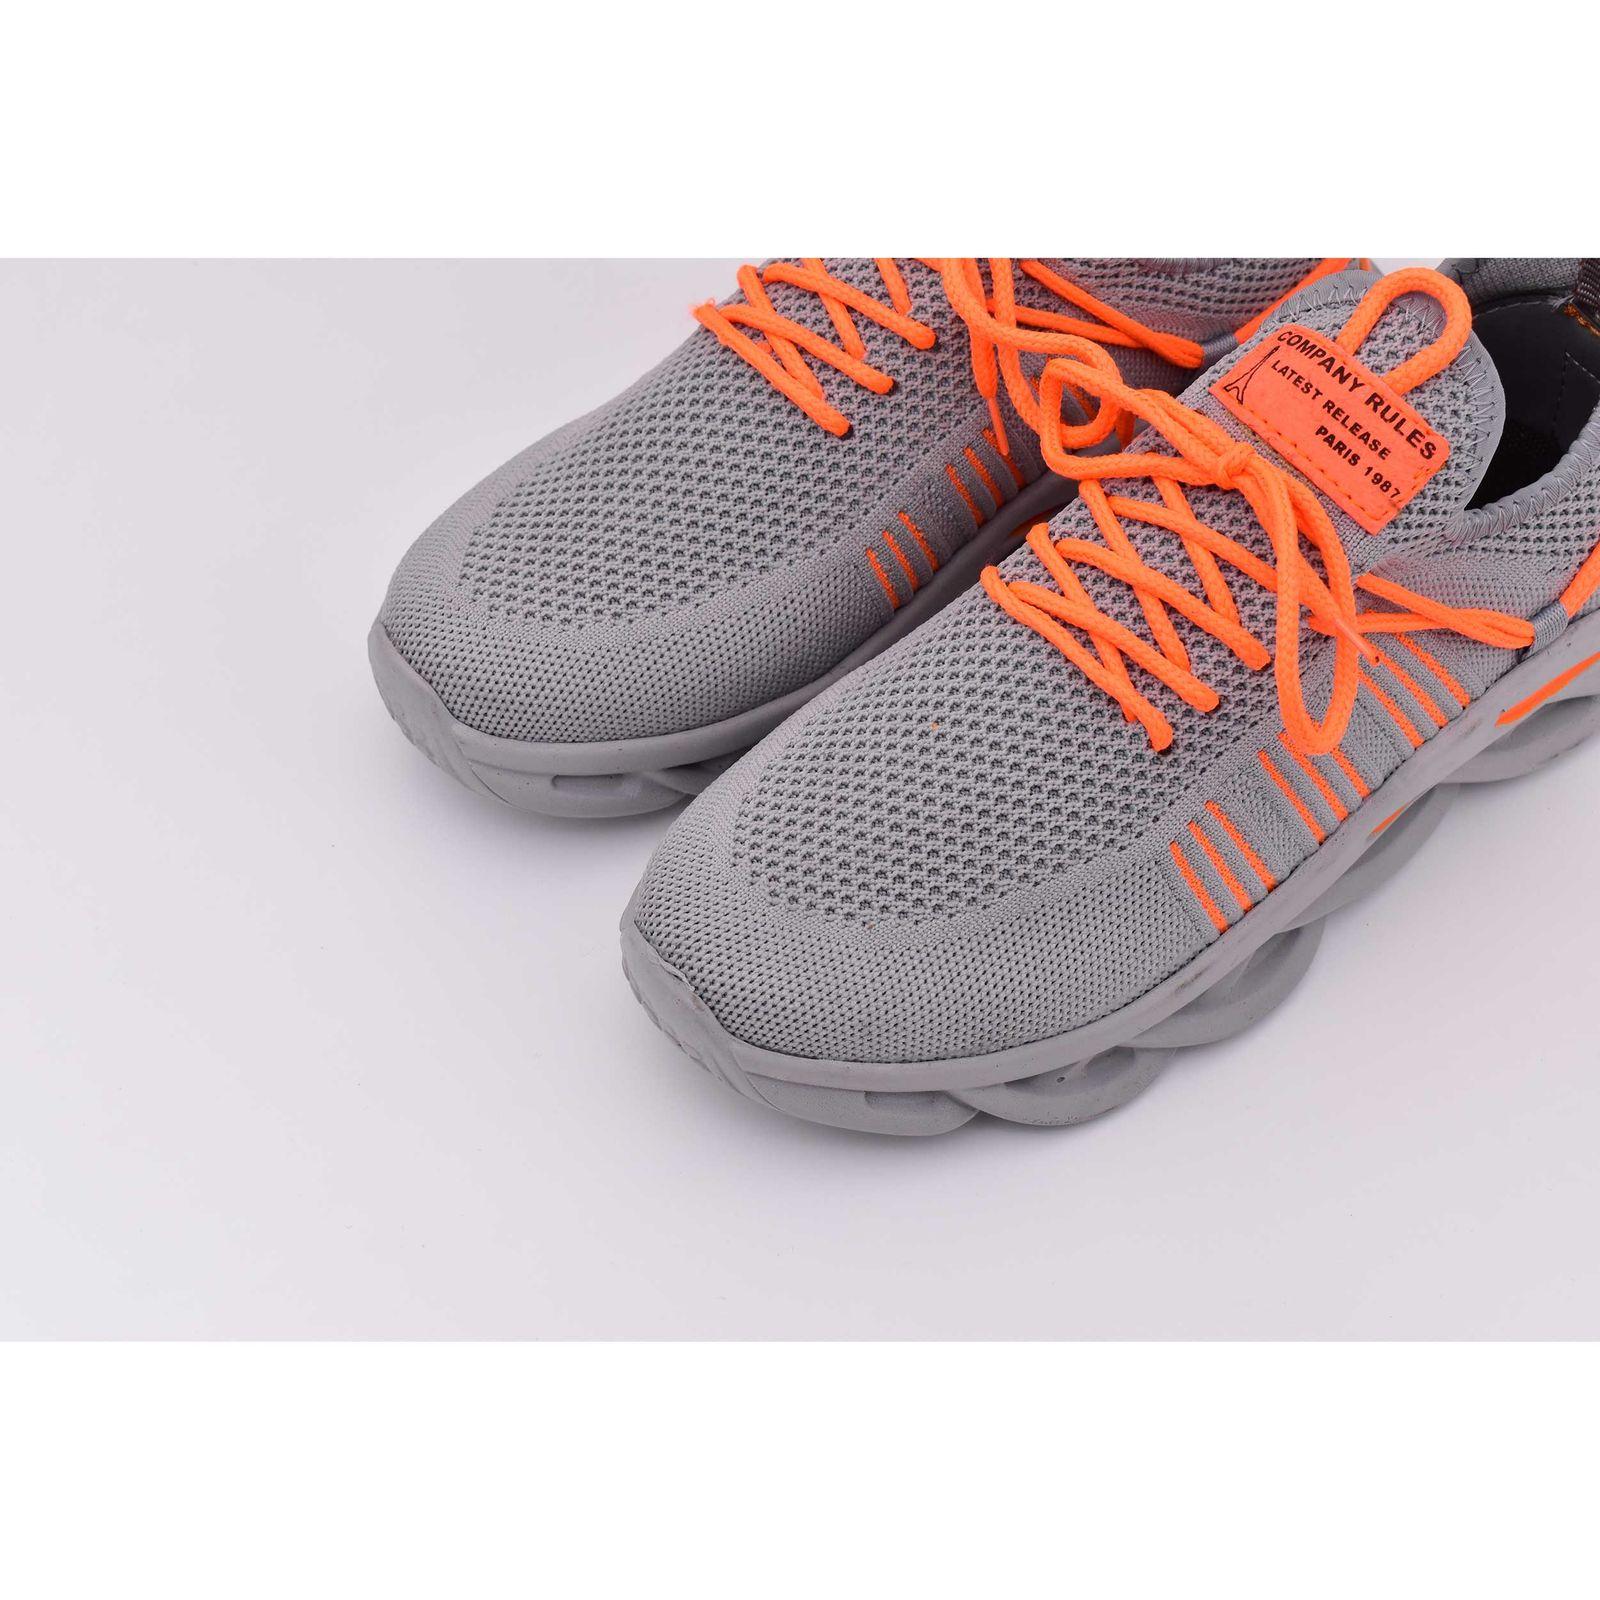 کفش دویدن مردانه مدل پارسا کد B1071-2 -  - 5